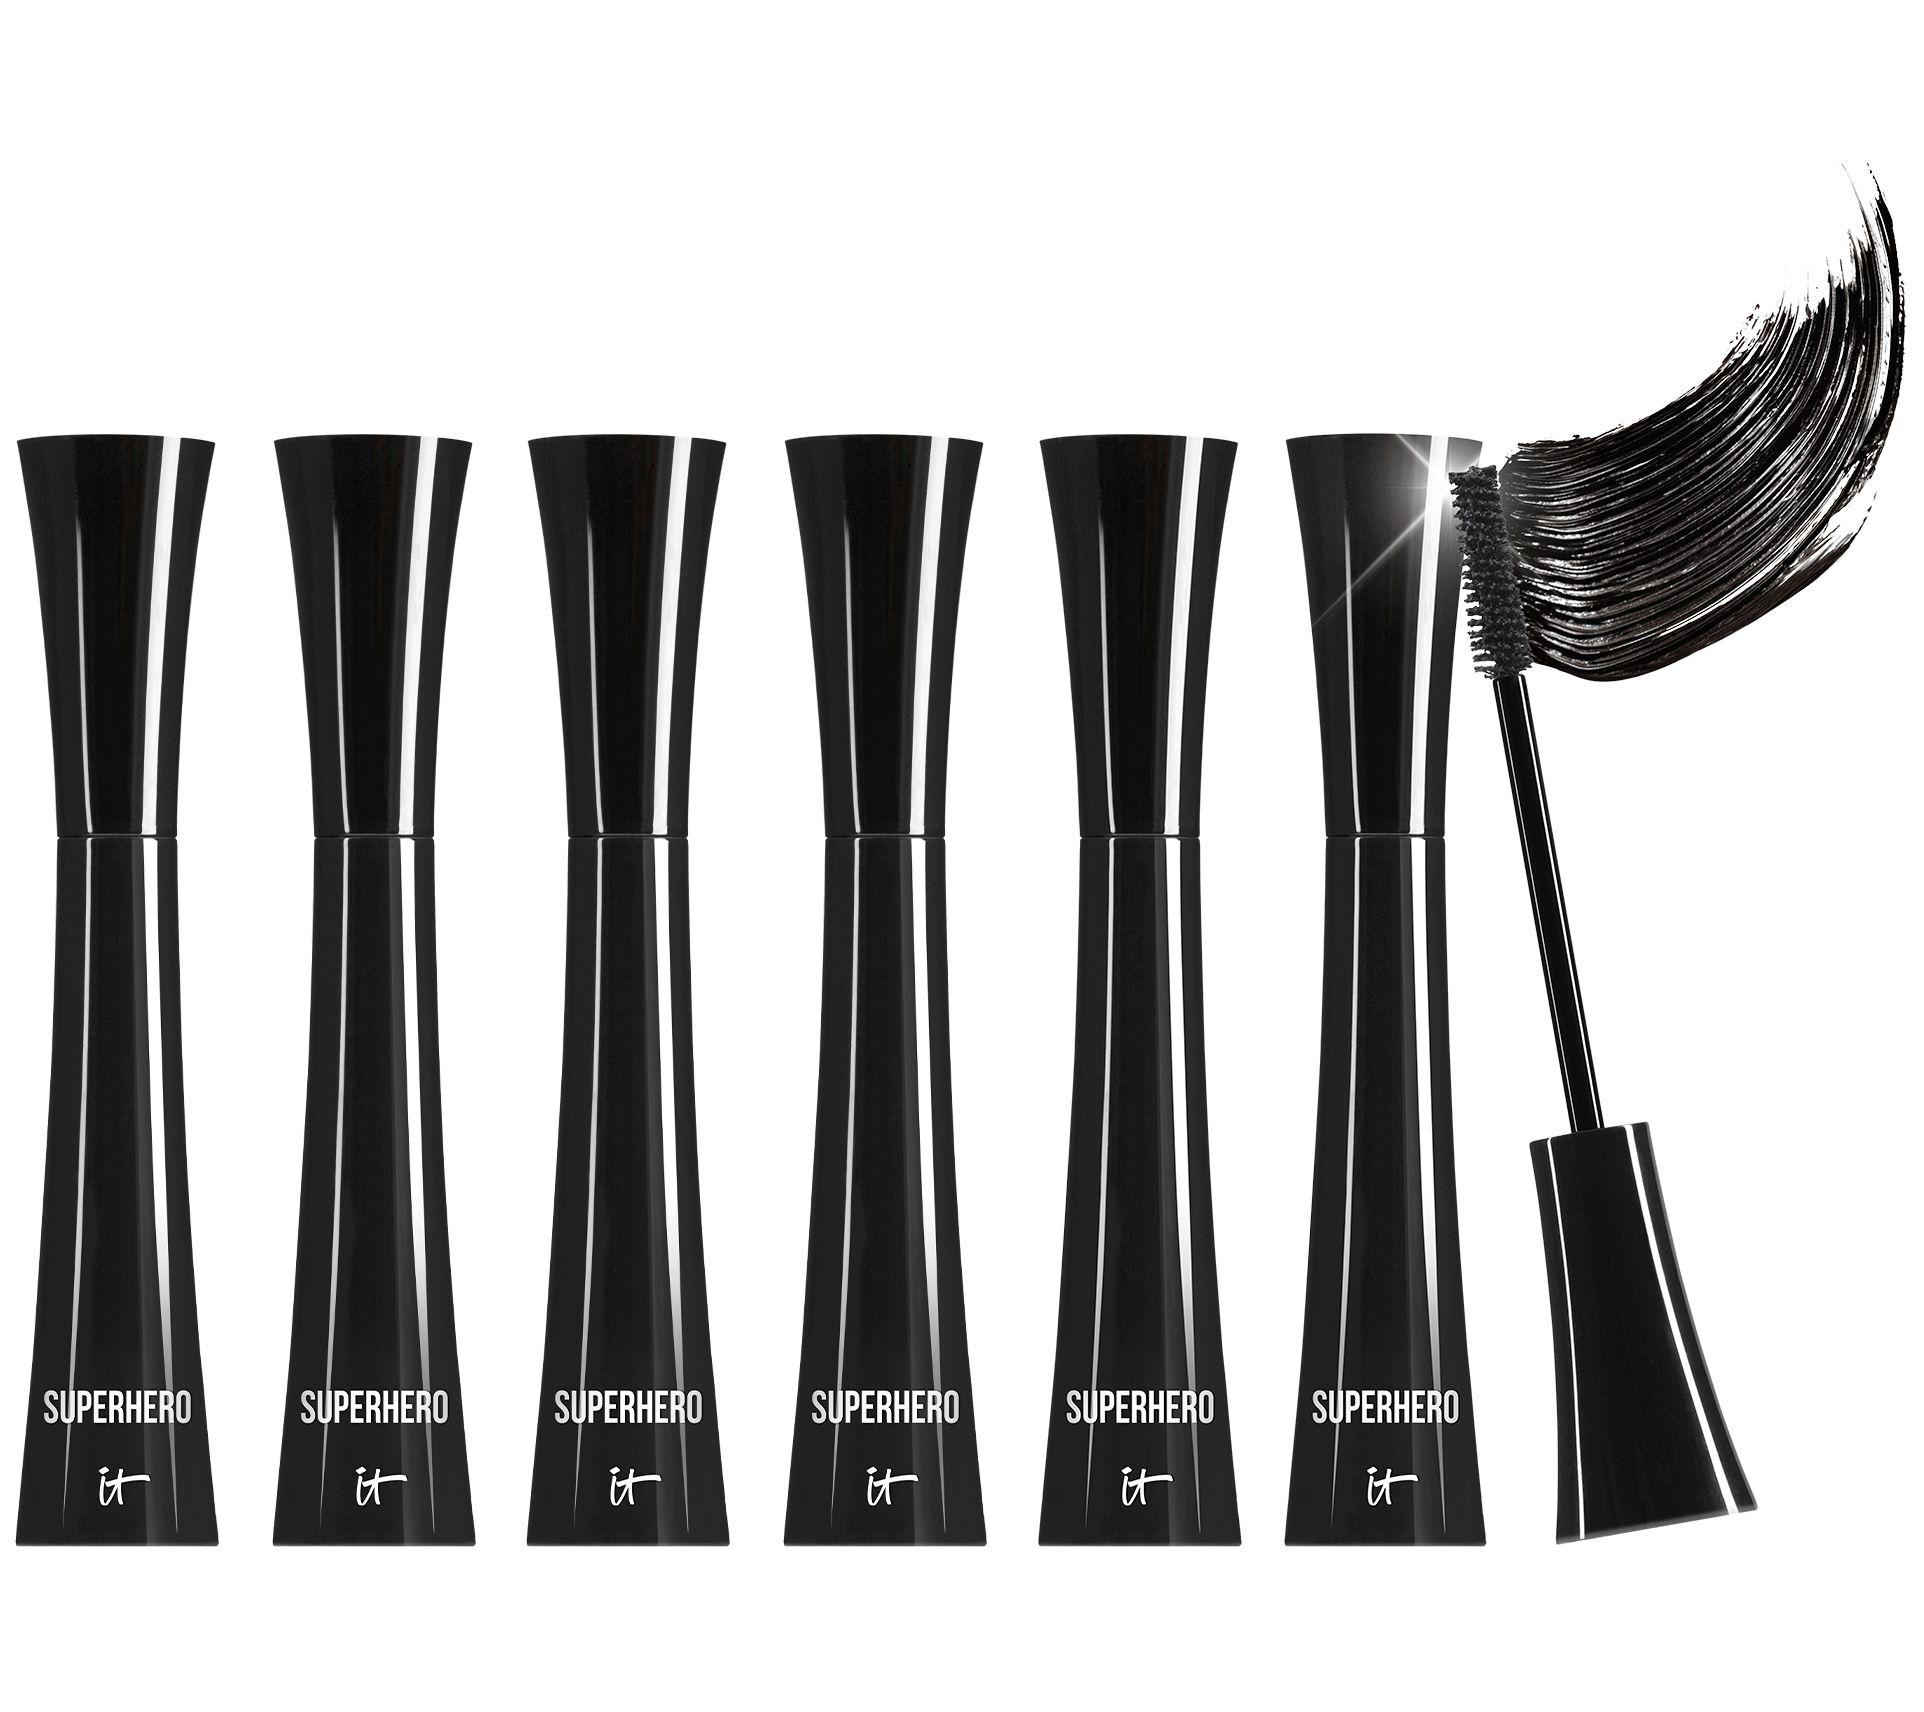 IT Cosmetics Mega-Size Superhero Volumizing 6 pc Mascara